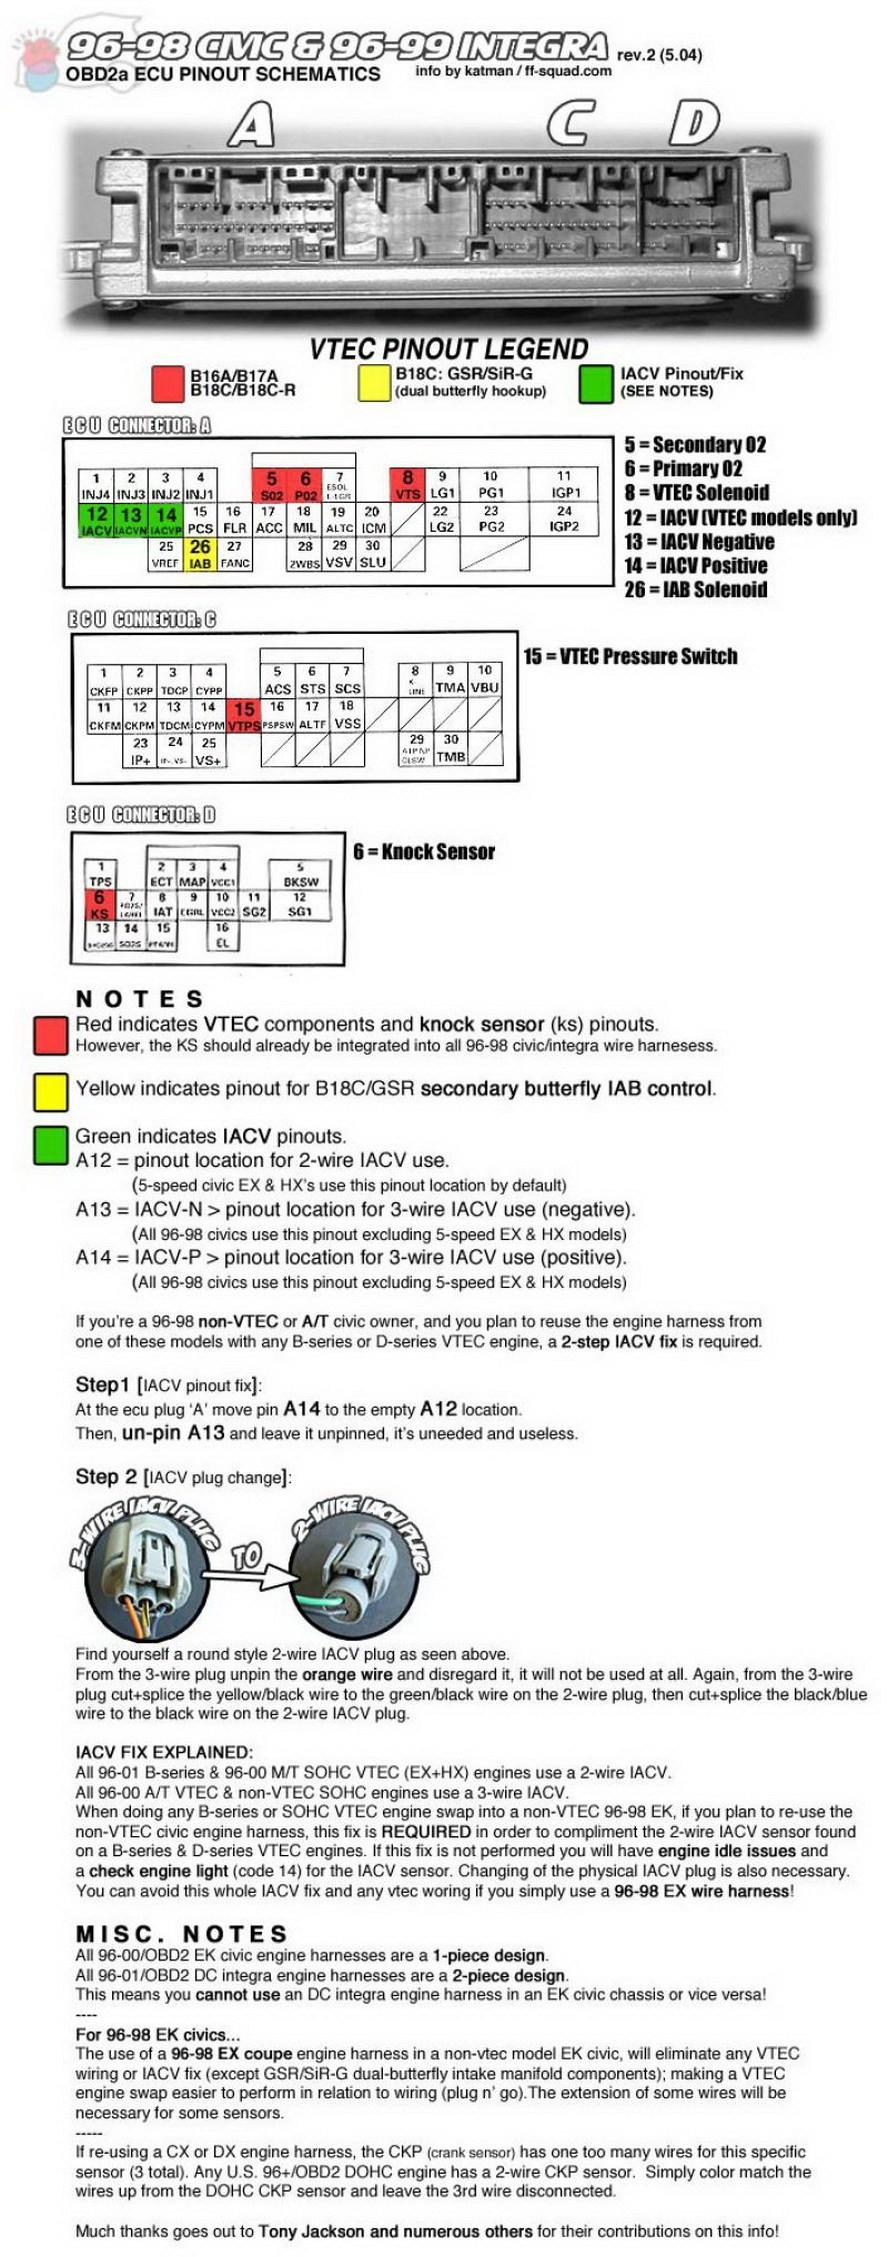 Ausmalbilder Drachenzähmen Leicht Gemacht 3 Genial Obd2 Wiring Diagram Das Bild